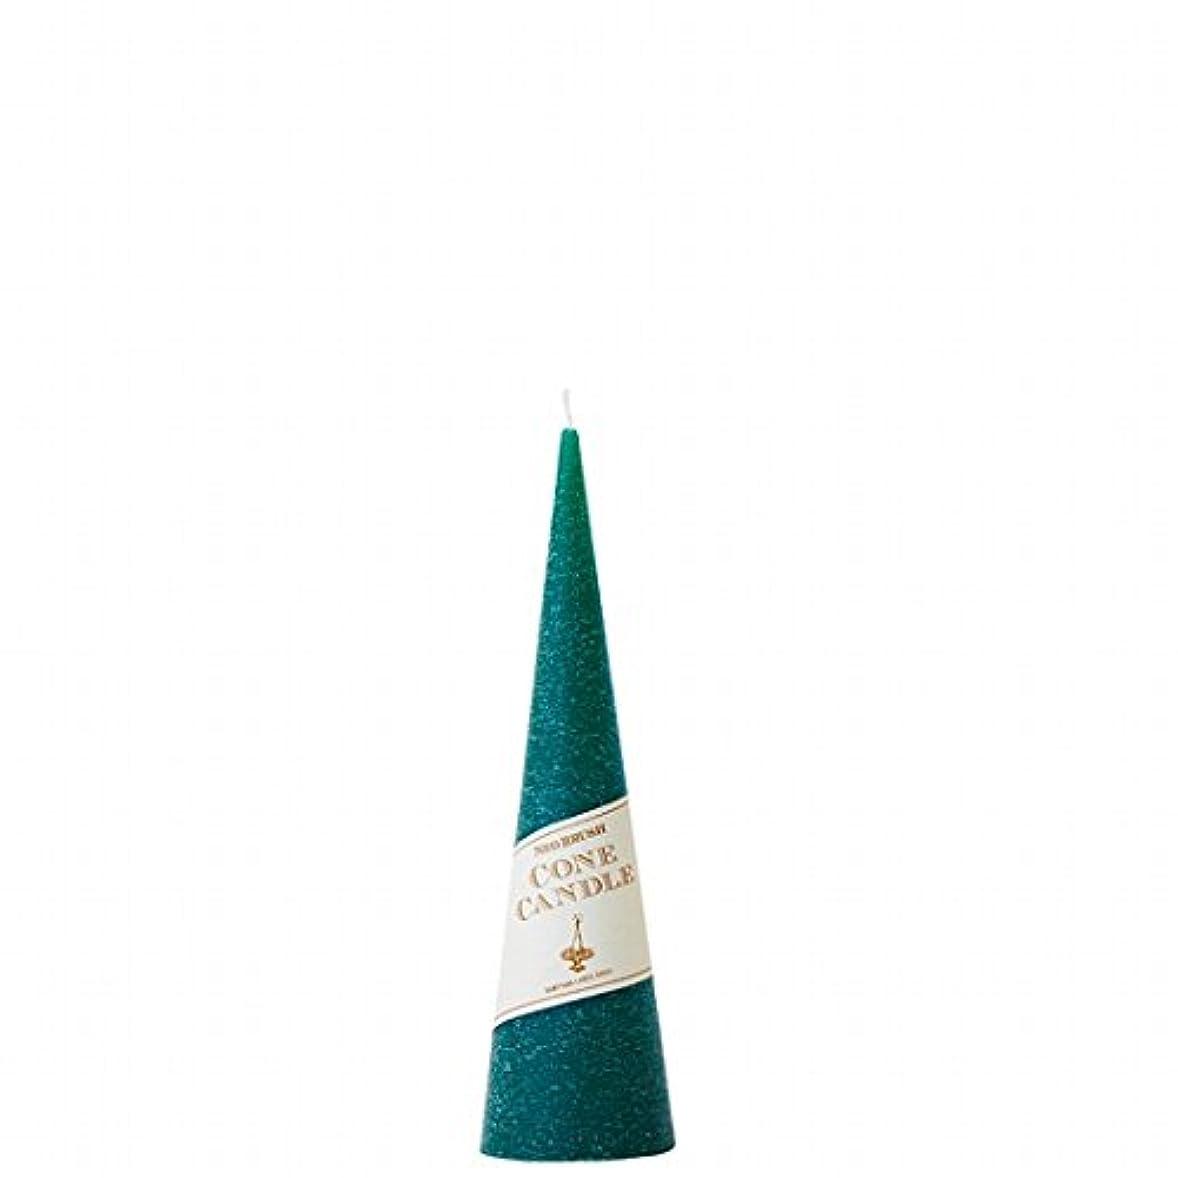 提出するスマート取得するカメヤマキャンドル(kameyama candle) ネオブラッシュコーン 180 キャンドル 「 グリーン 」